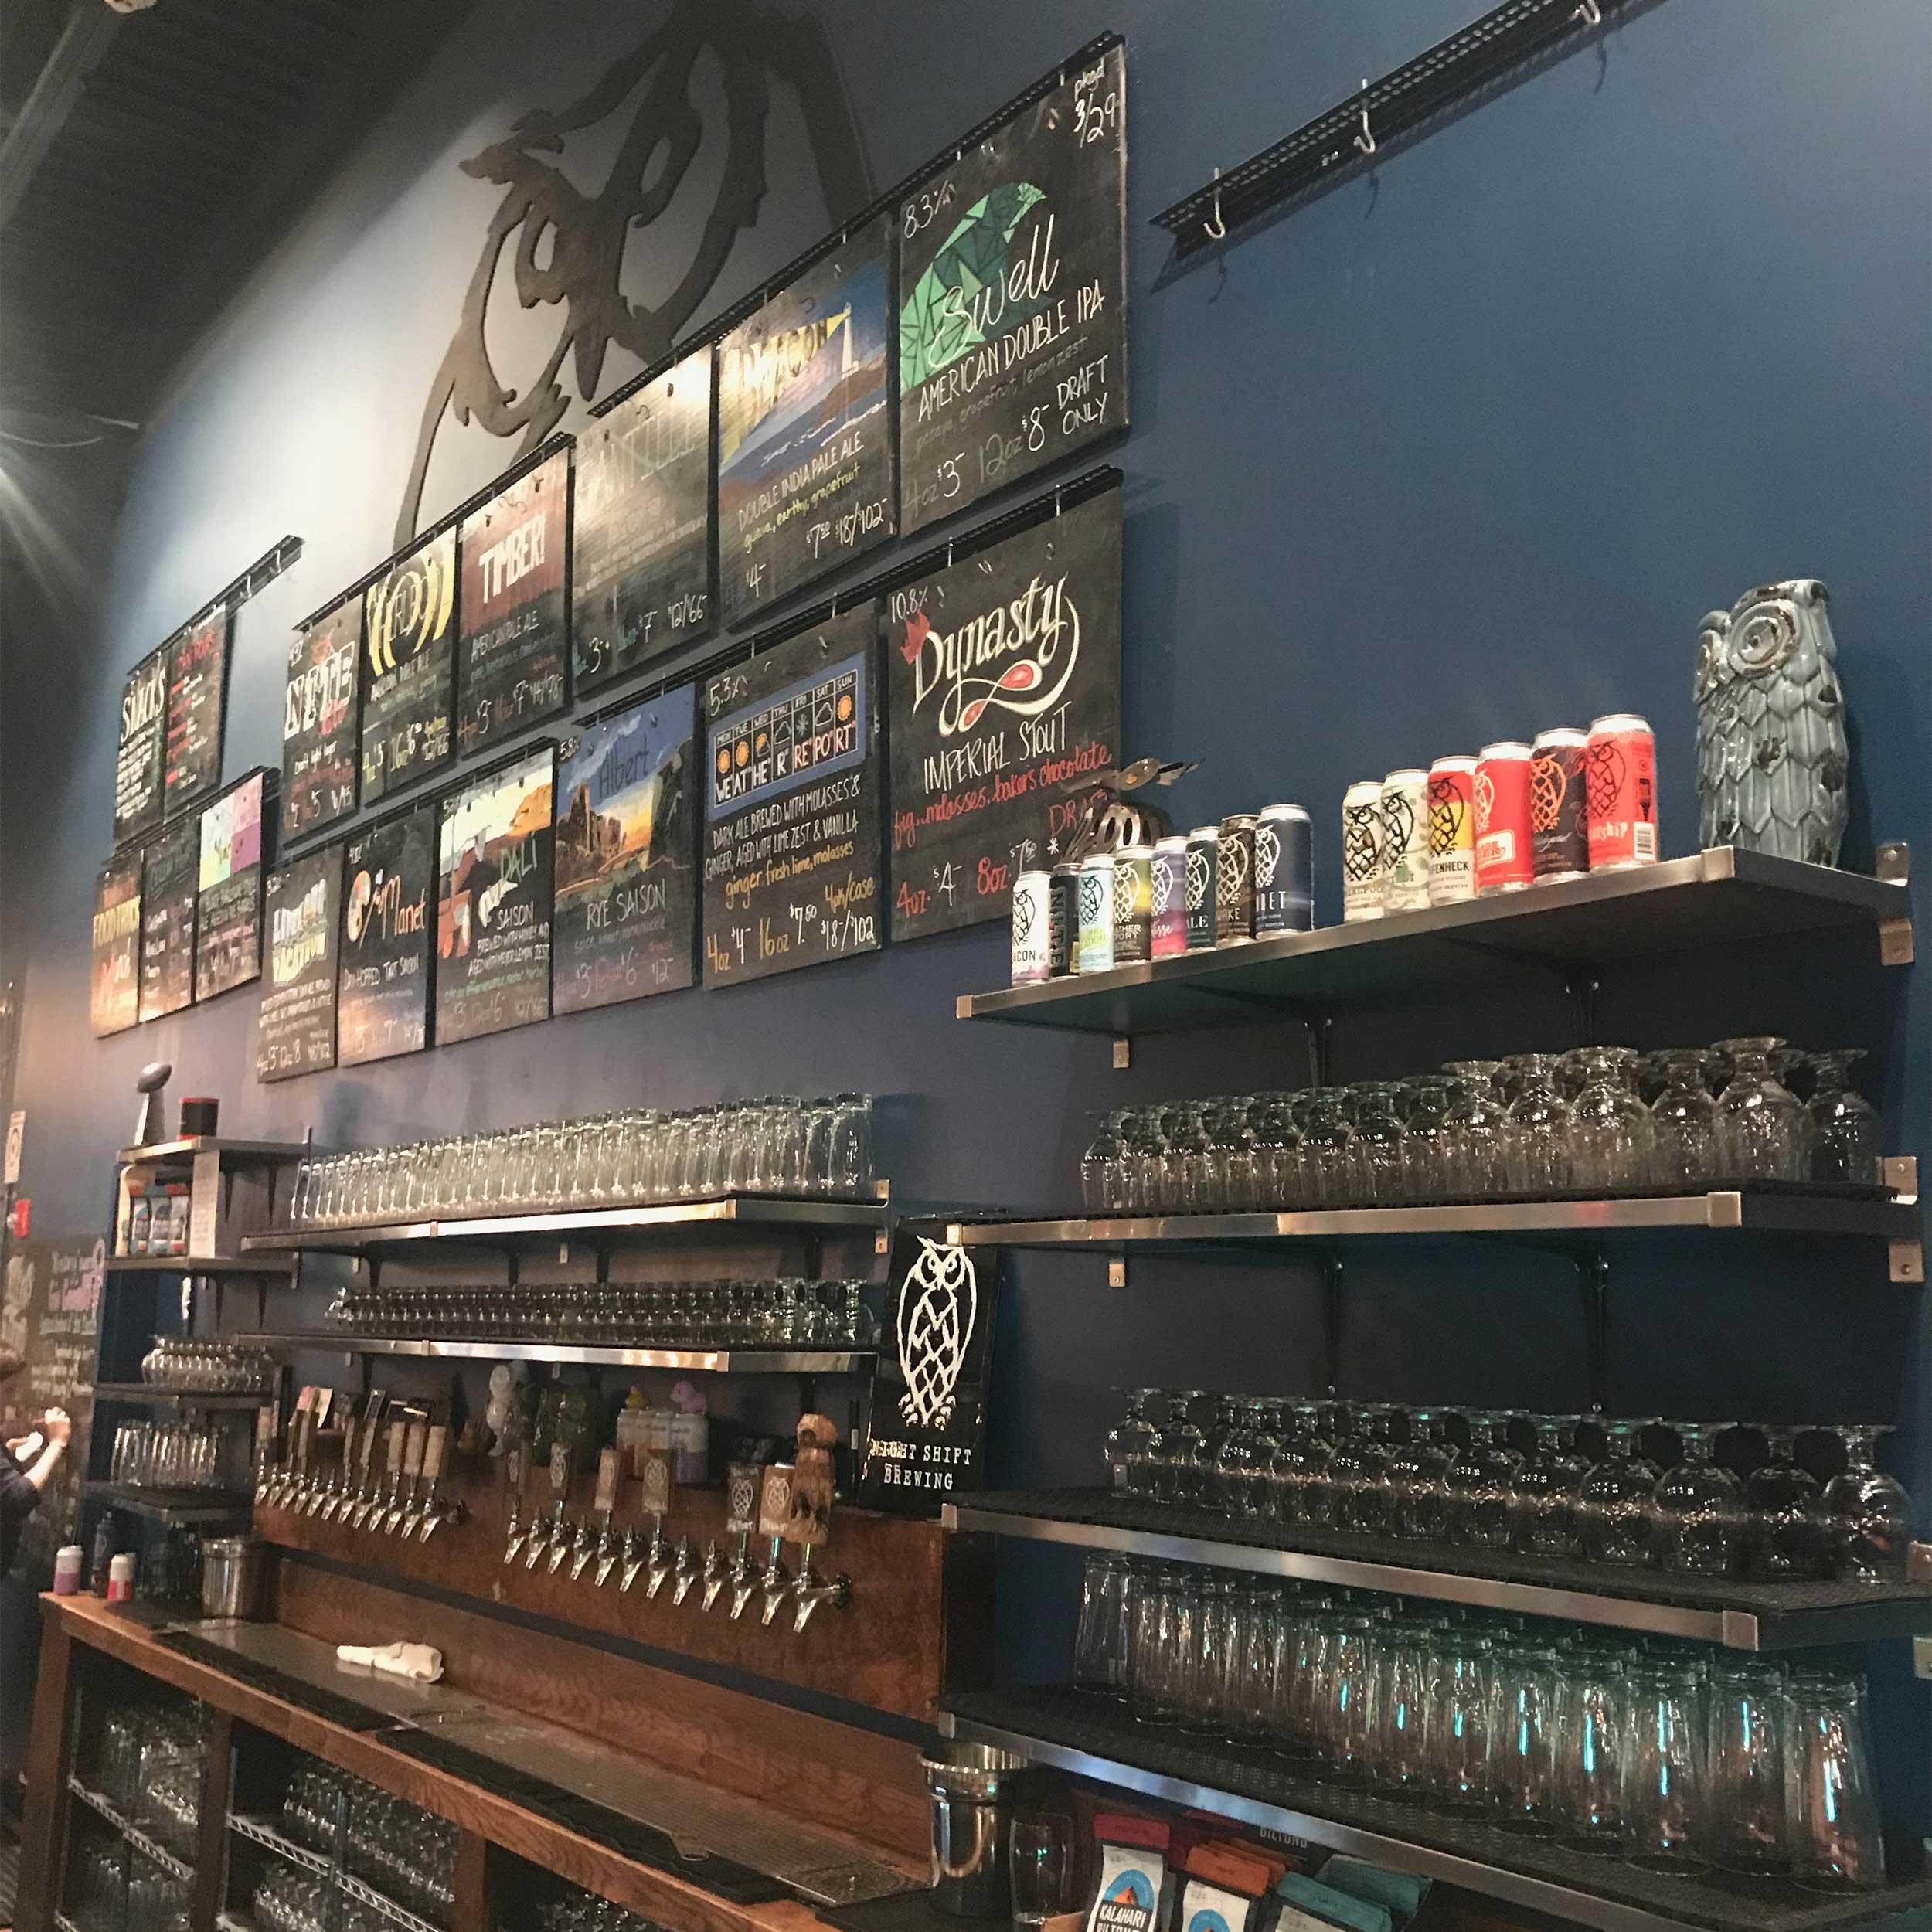 The bar at Night Shift Brewing.